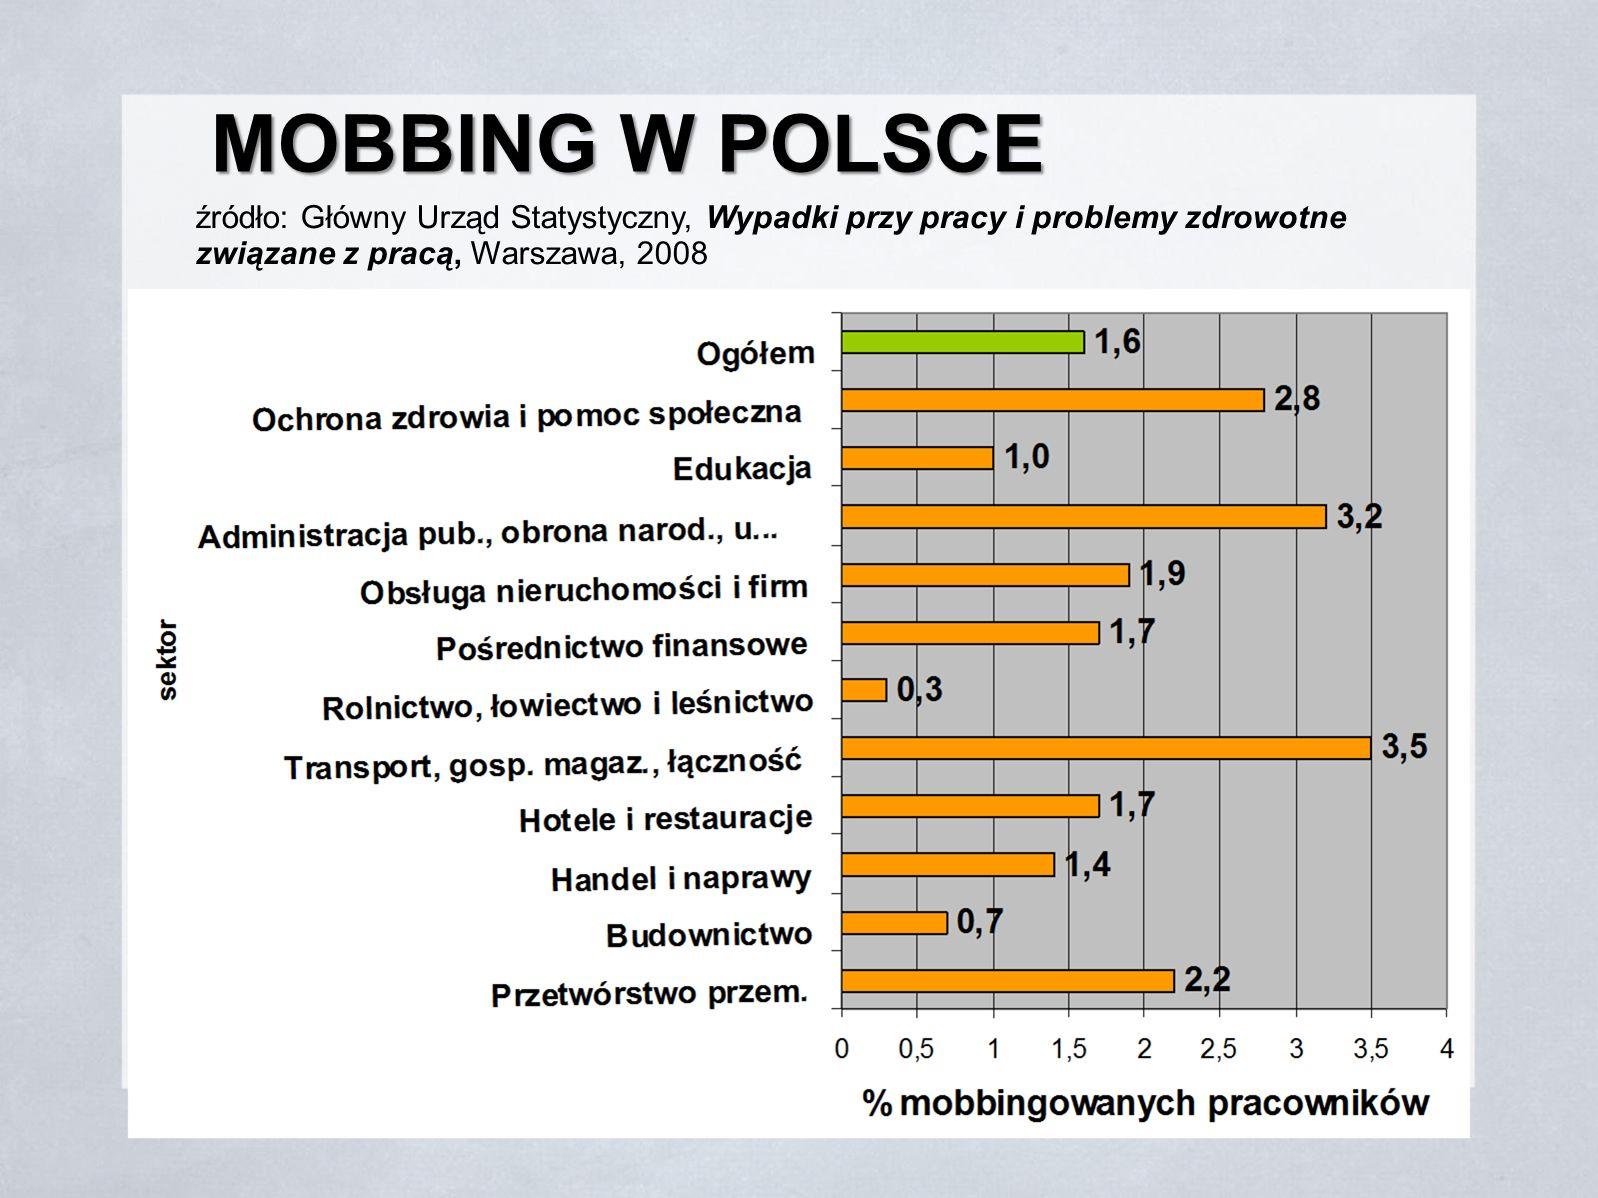 MOBBING W POLSCE źródło: Główny Urząd Statystyczny, Wypadki przy pracy i problemy zdrowotne związane z pracą, Warszawa, 2008